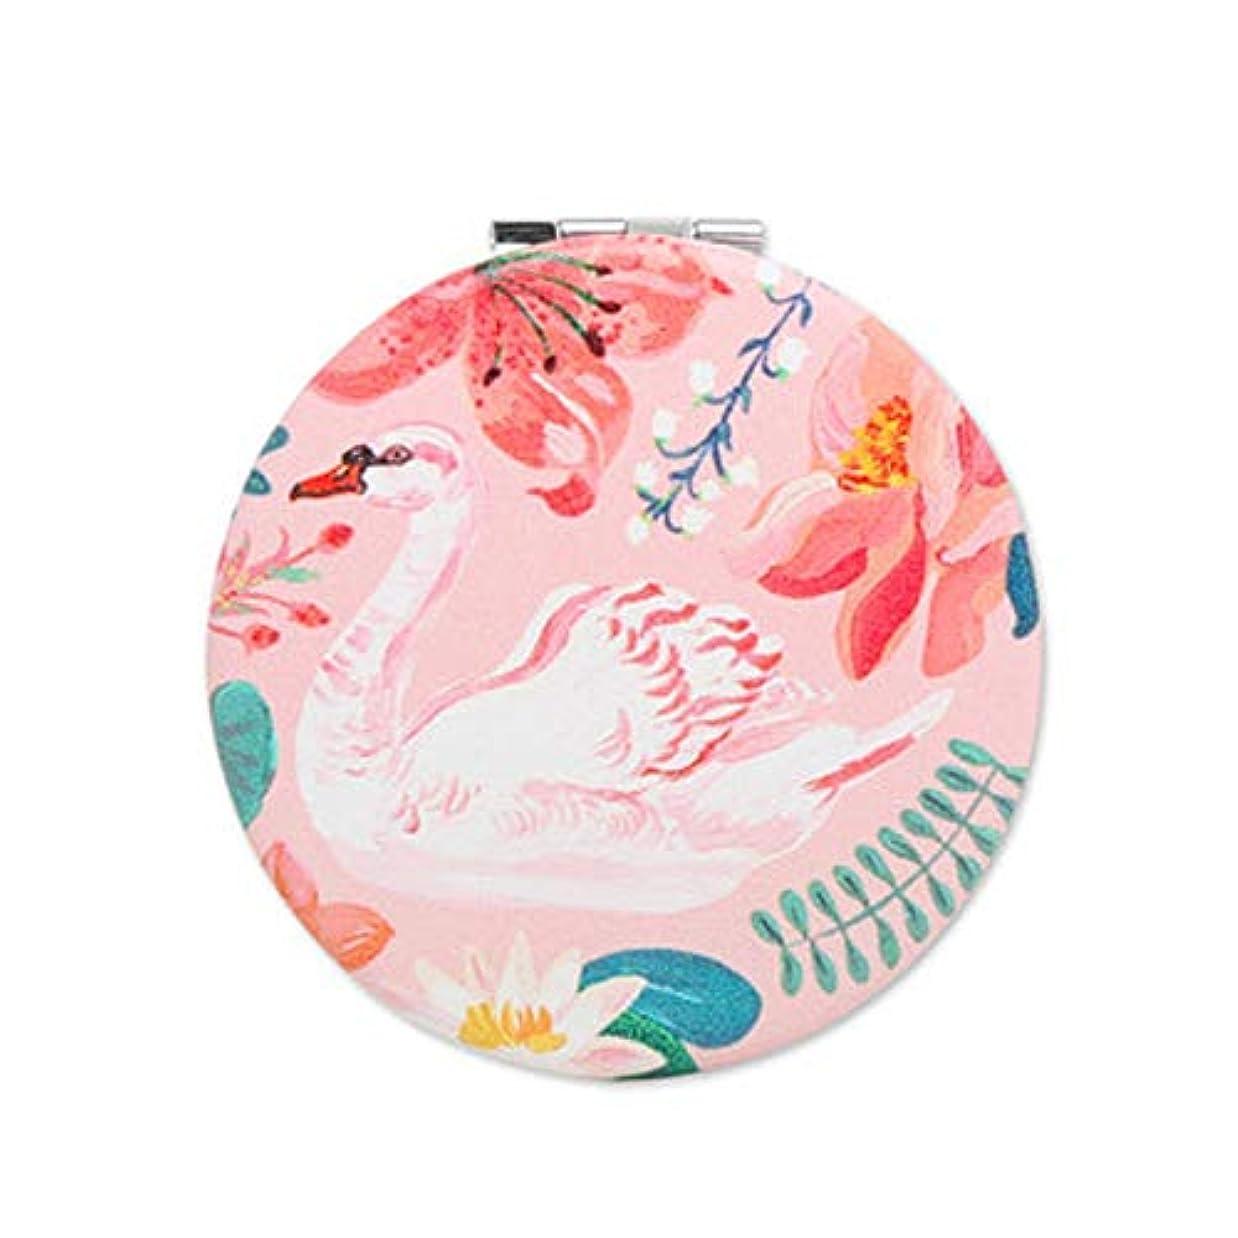 思春期の写真を描く着飾る7321Design(7321デザイン) コンパクトミラー (ナタリーレテ(ウォーターリリー))